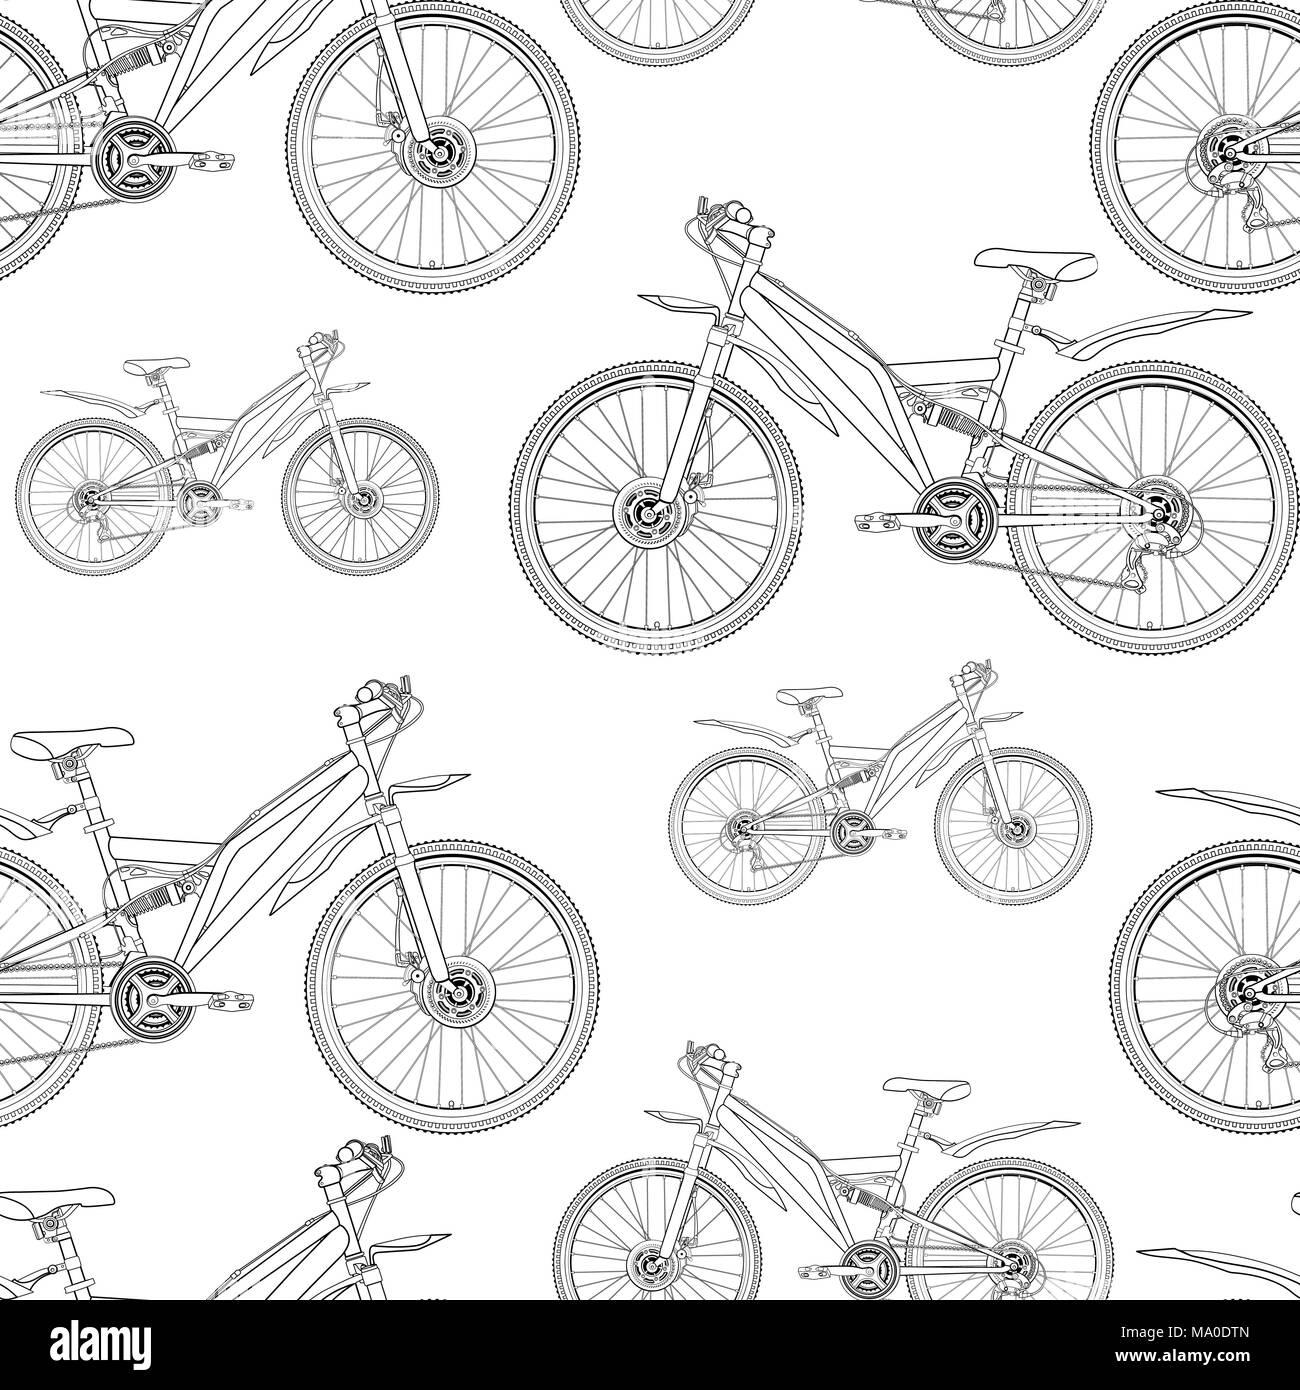 Fahrrad Kontur Zeichnen Nahtlose Muster Schwarzweiß Schwarz Weiß